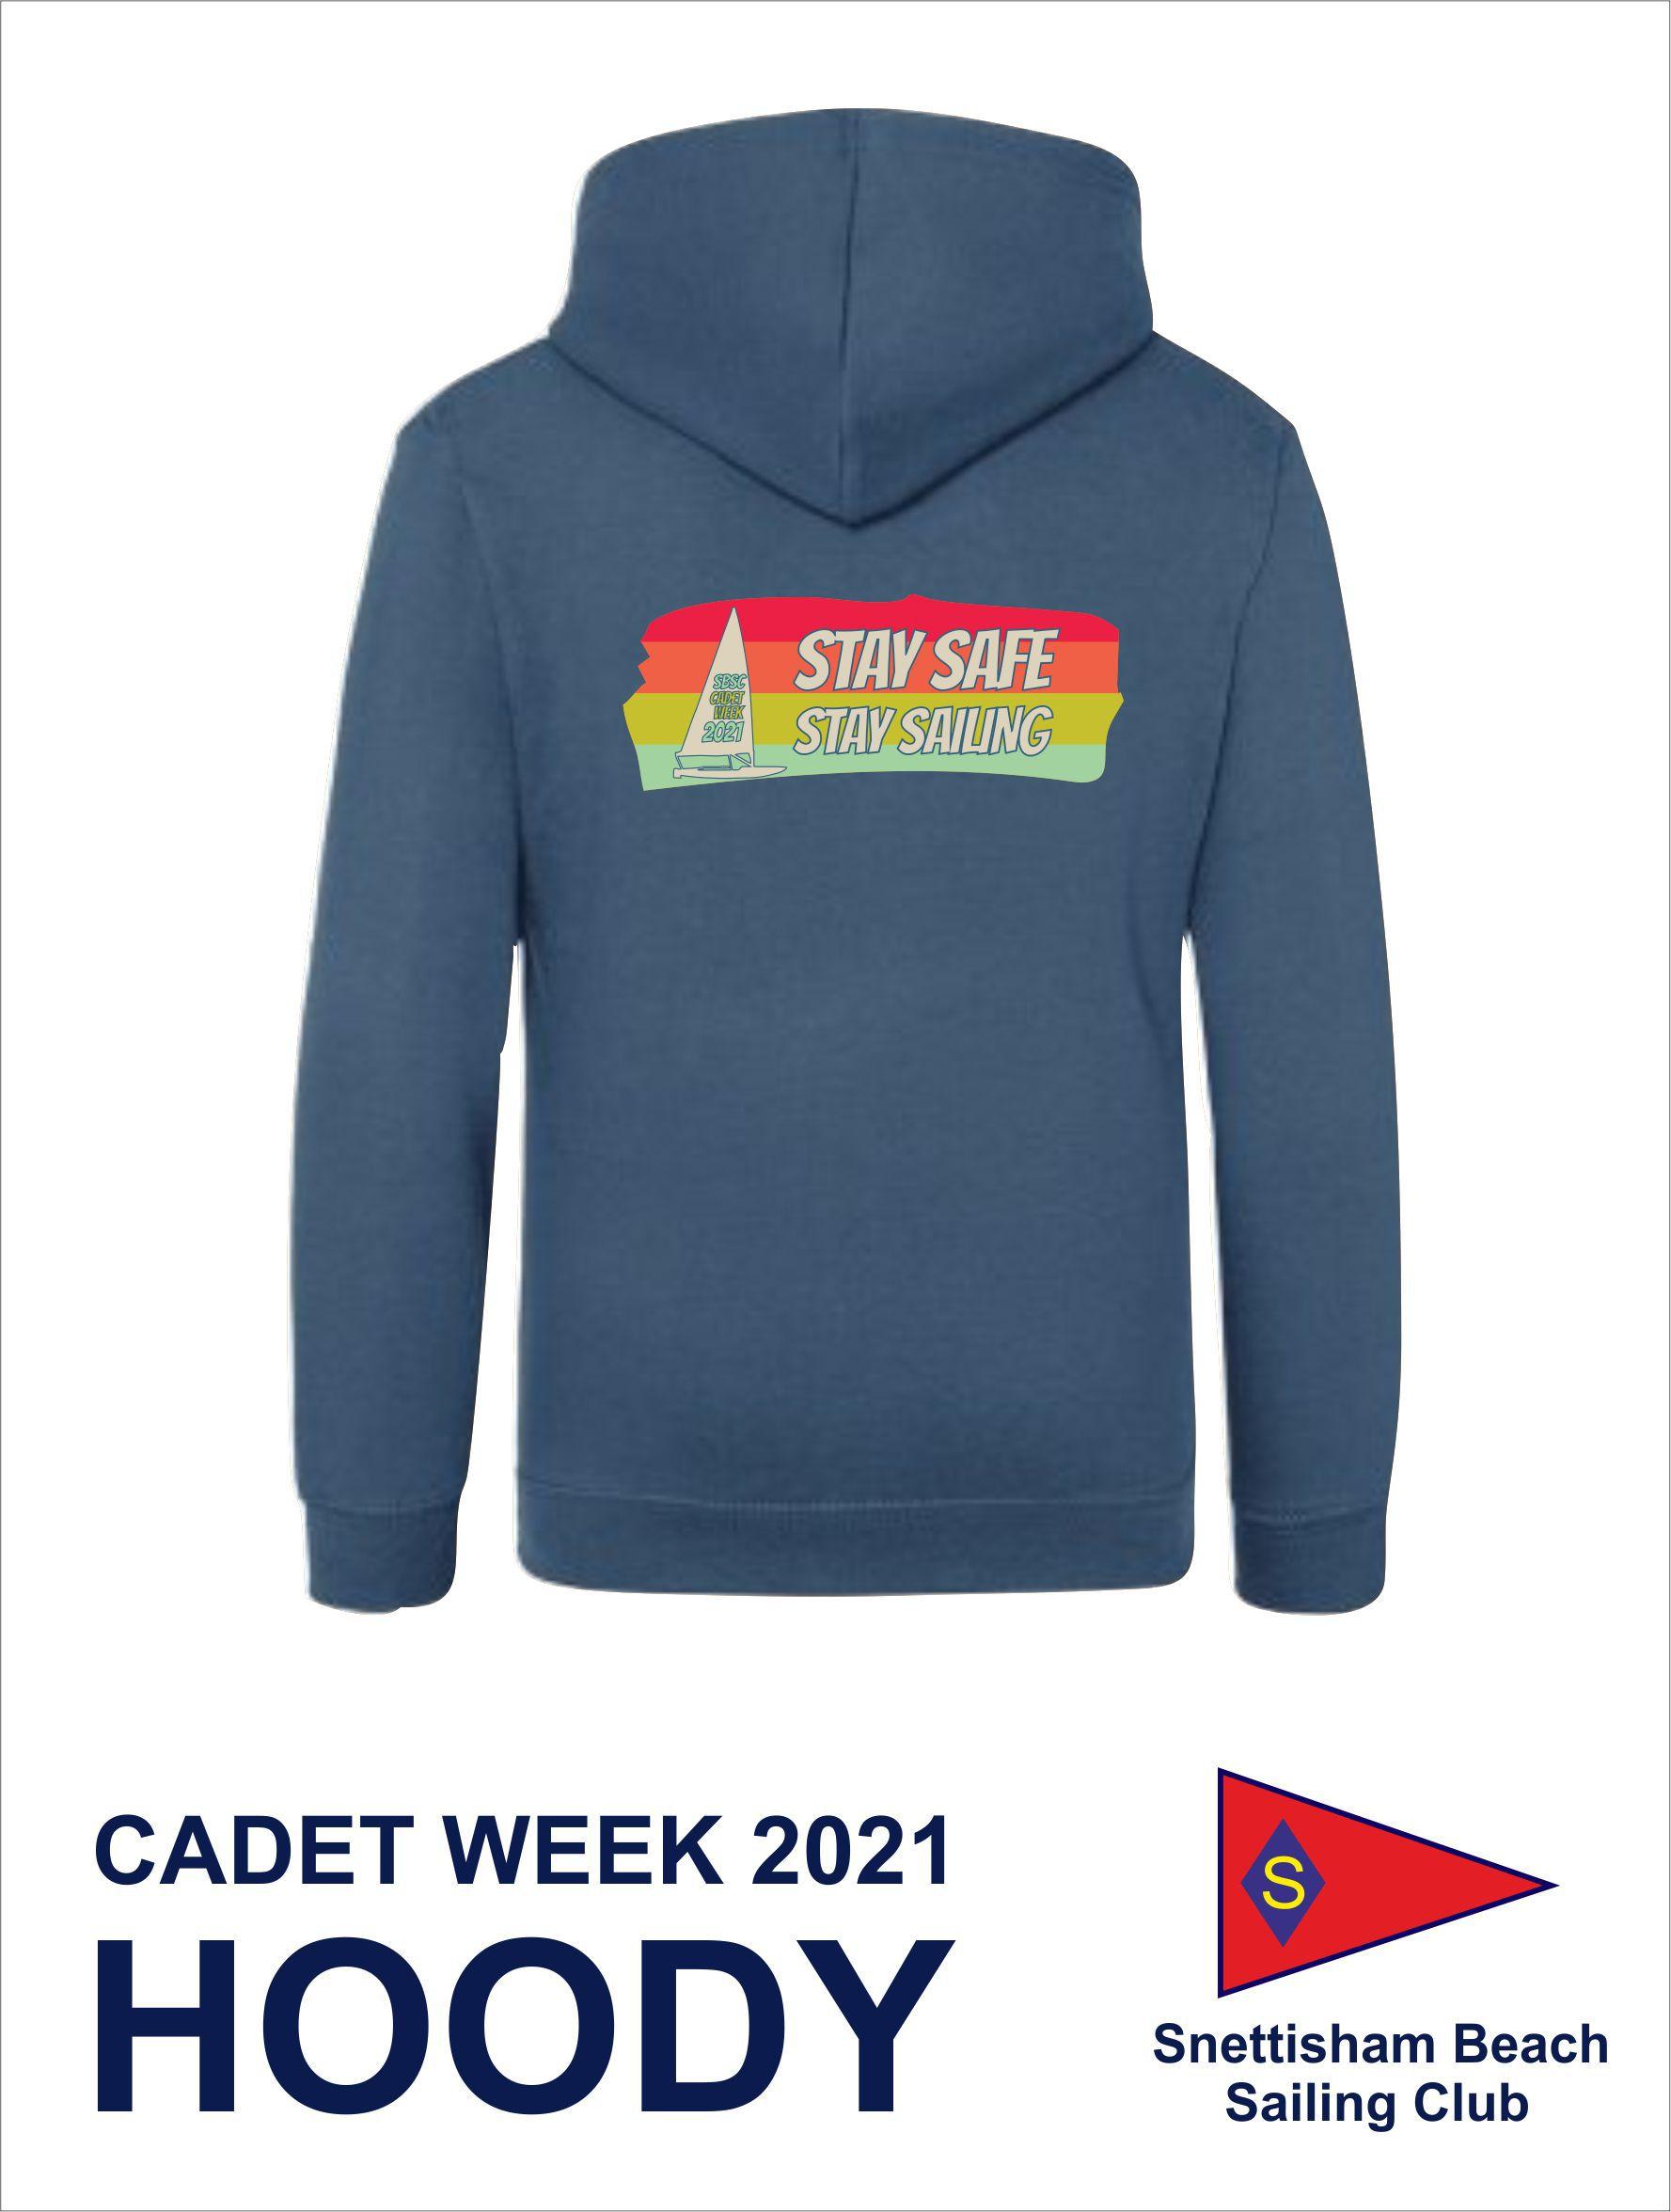 Hoody Back Cadet Week 2021